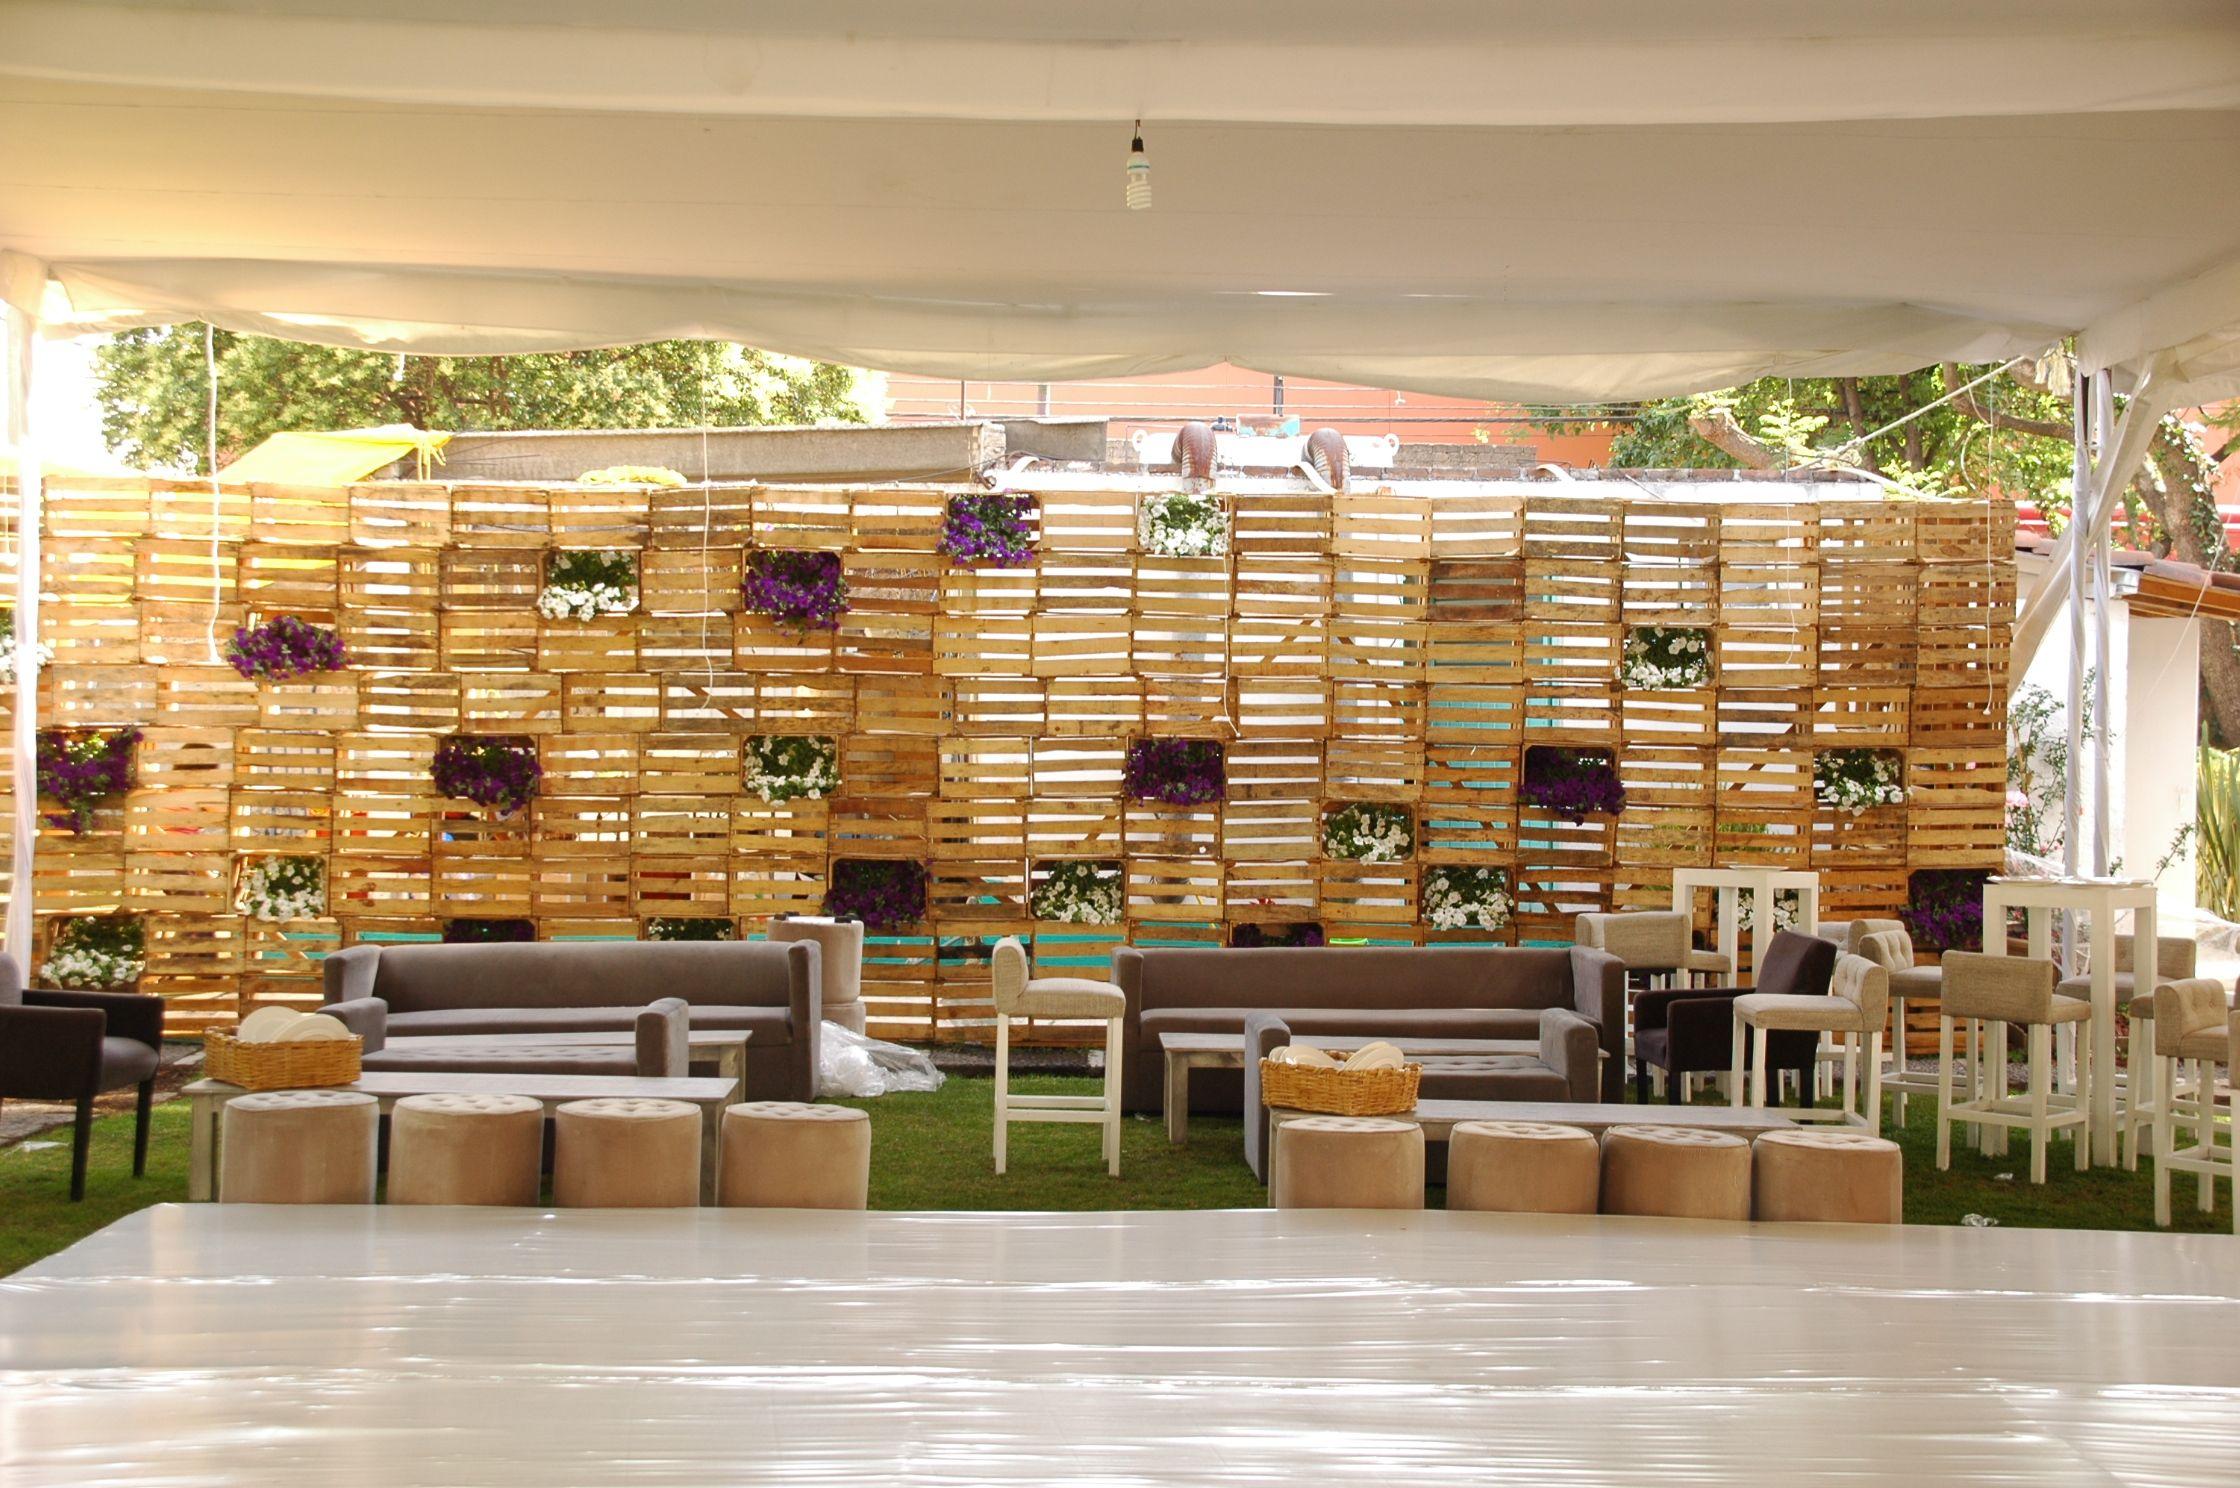 Celos A De Huacales De Madera Eventos Pinterest Huacales De  # Muebles Con Uacales